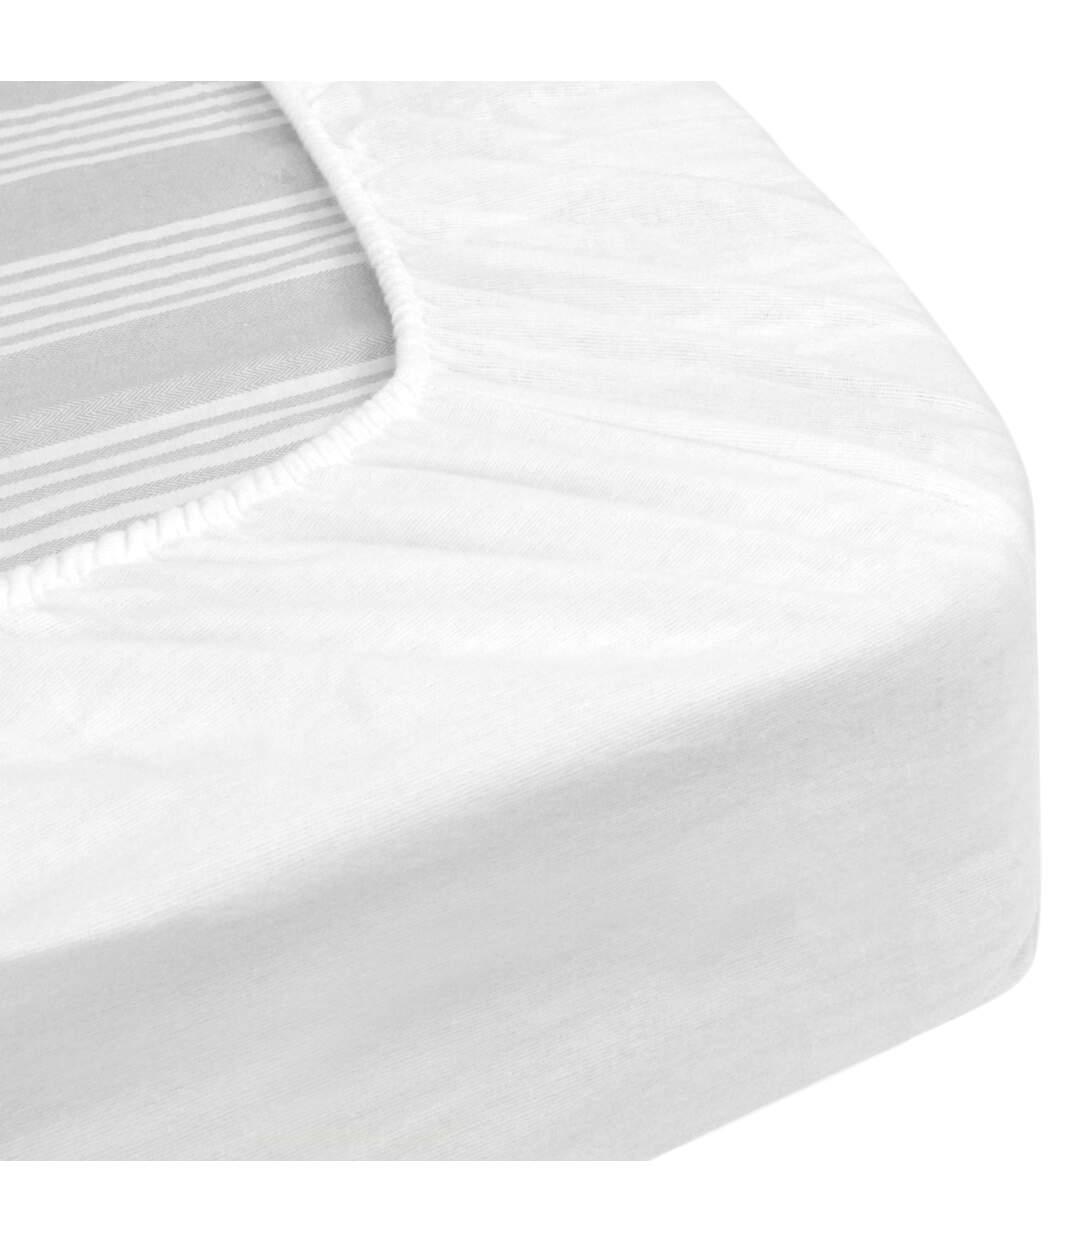 Protège matelas imperméable 110x210 cm bonnet 30cm ARNON molleton 100% coton contrecollé polyuréthane